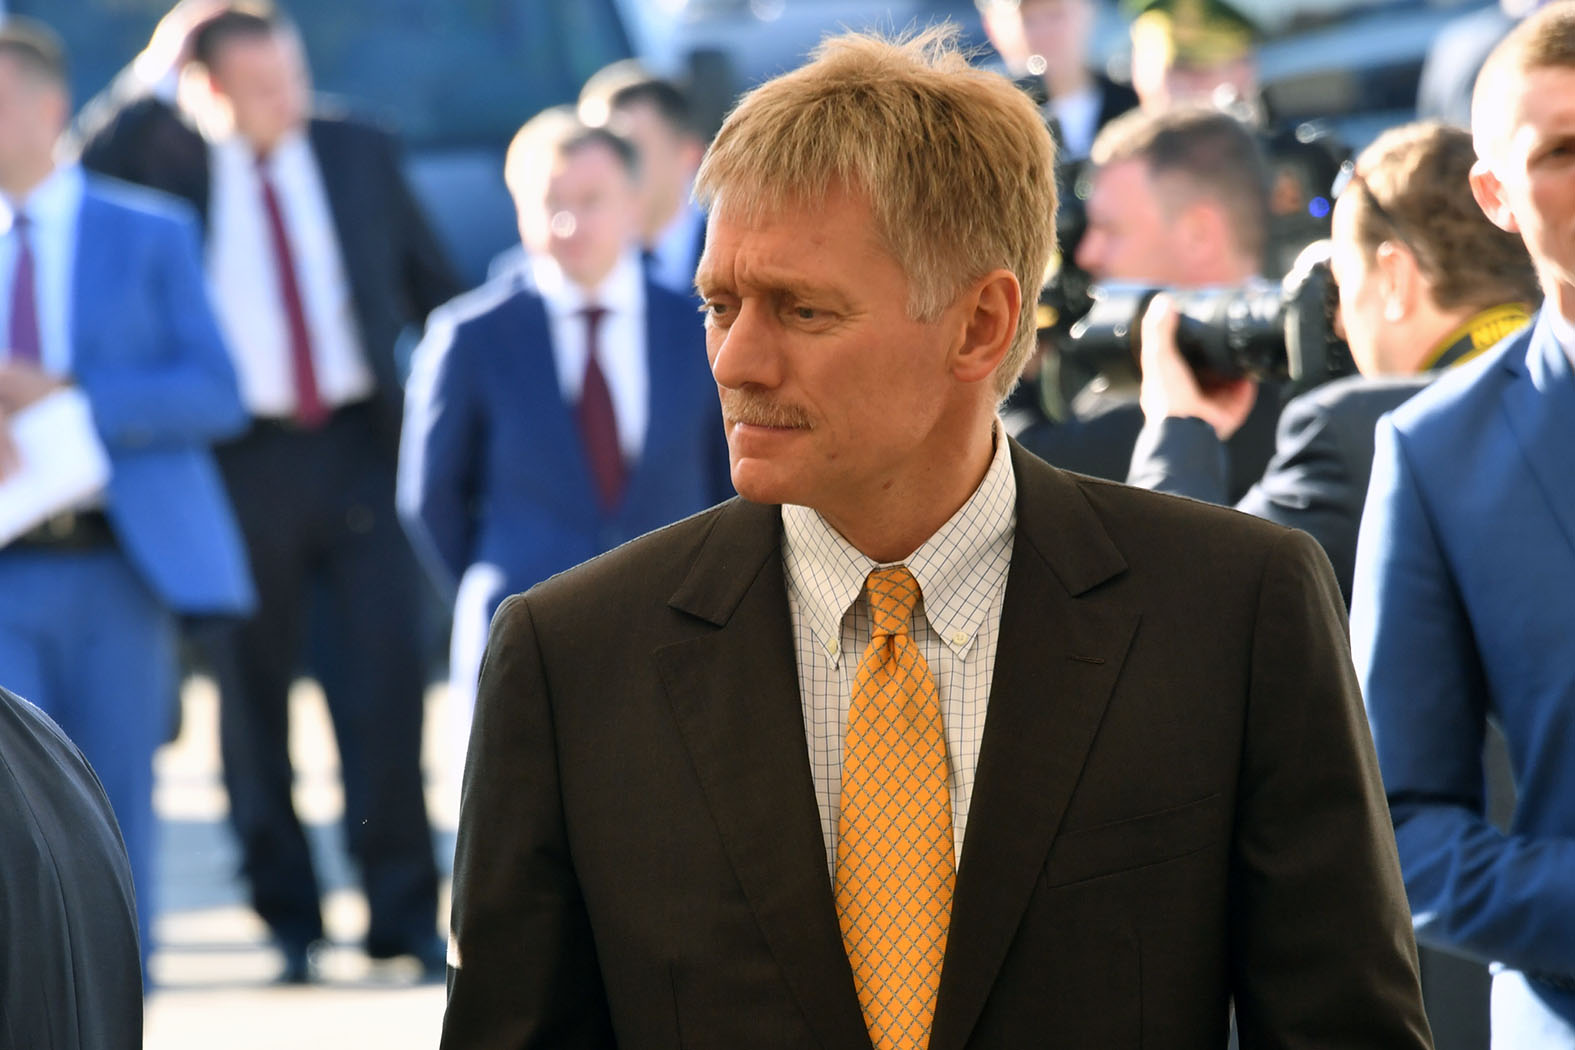 В шаге от президента: Где Песков подхватил коварную болезнь